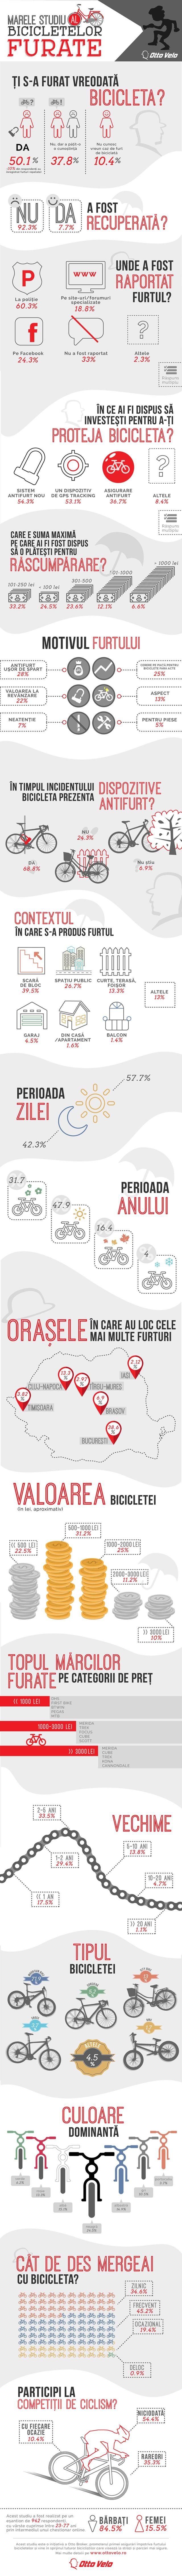 Marele studiu al bicicletelor furate (infografic)